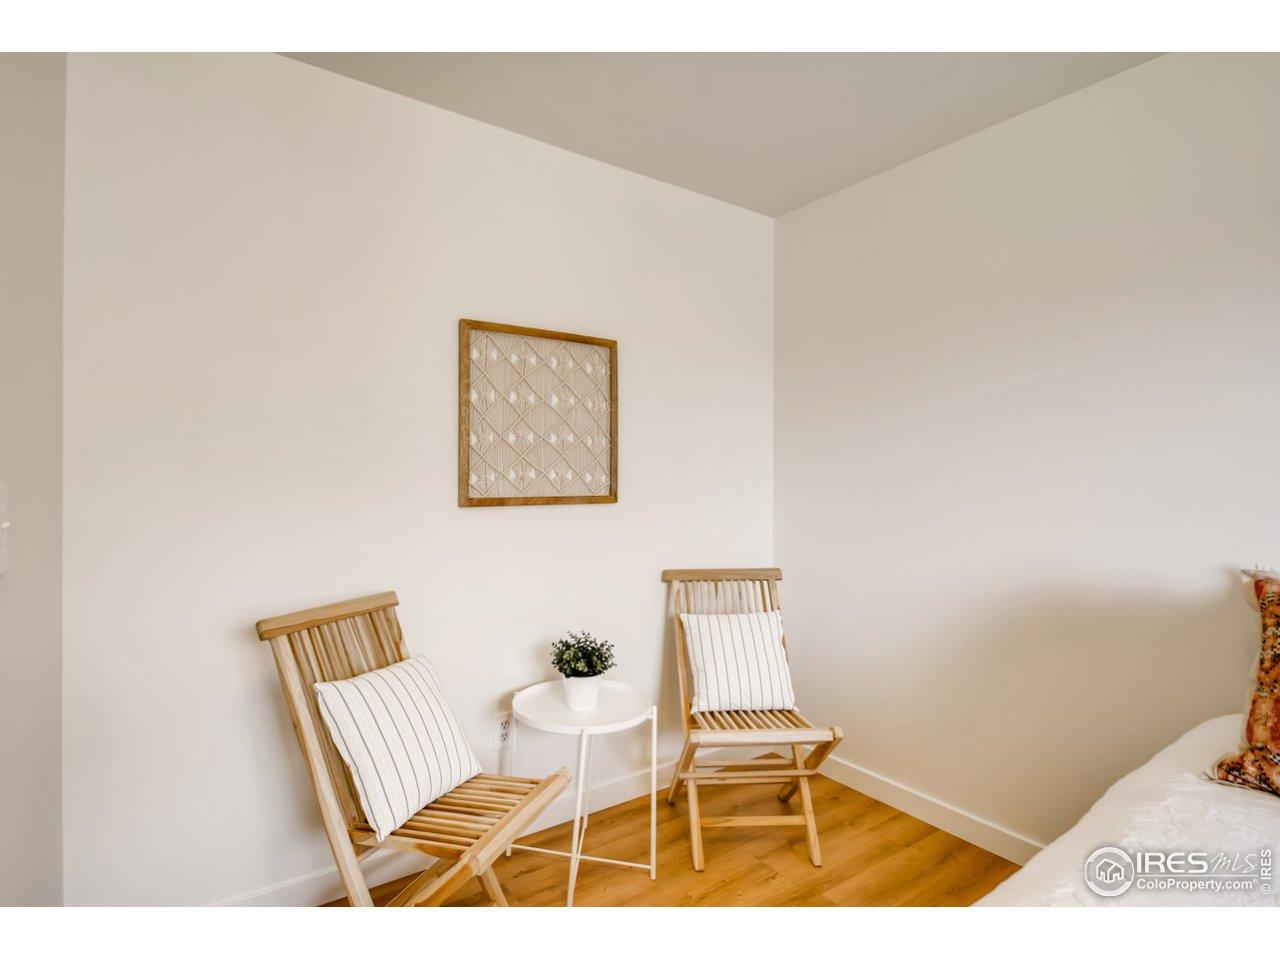 Sitting Nook in Main bedroom